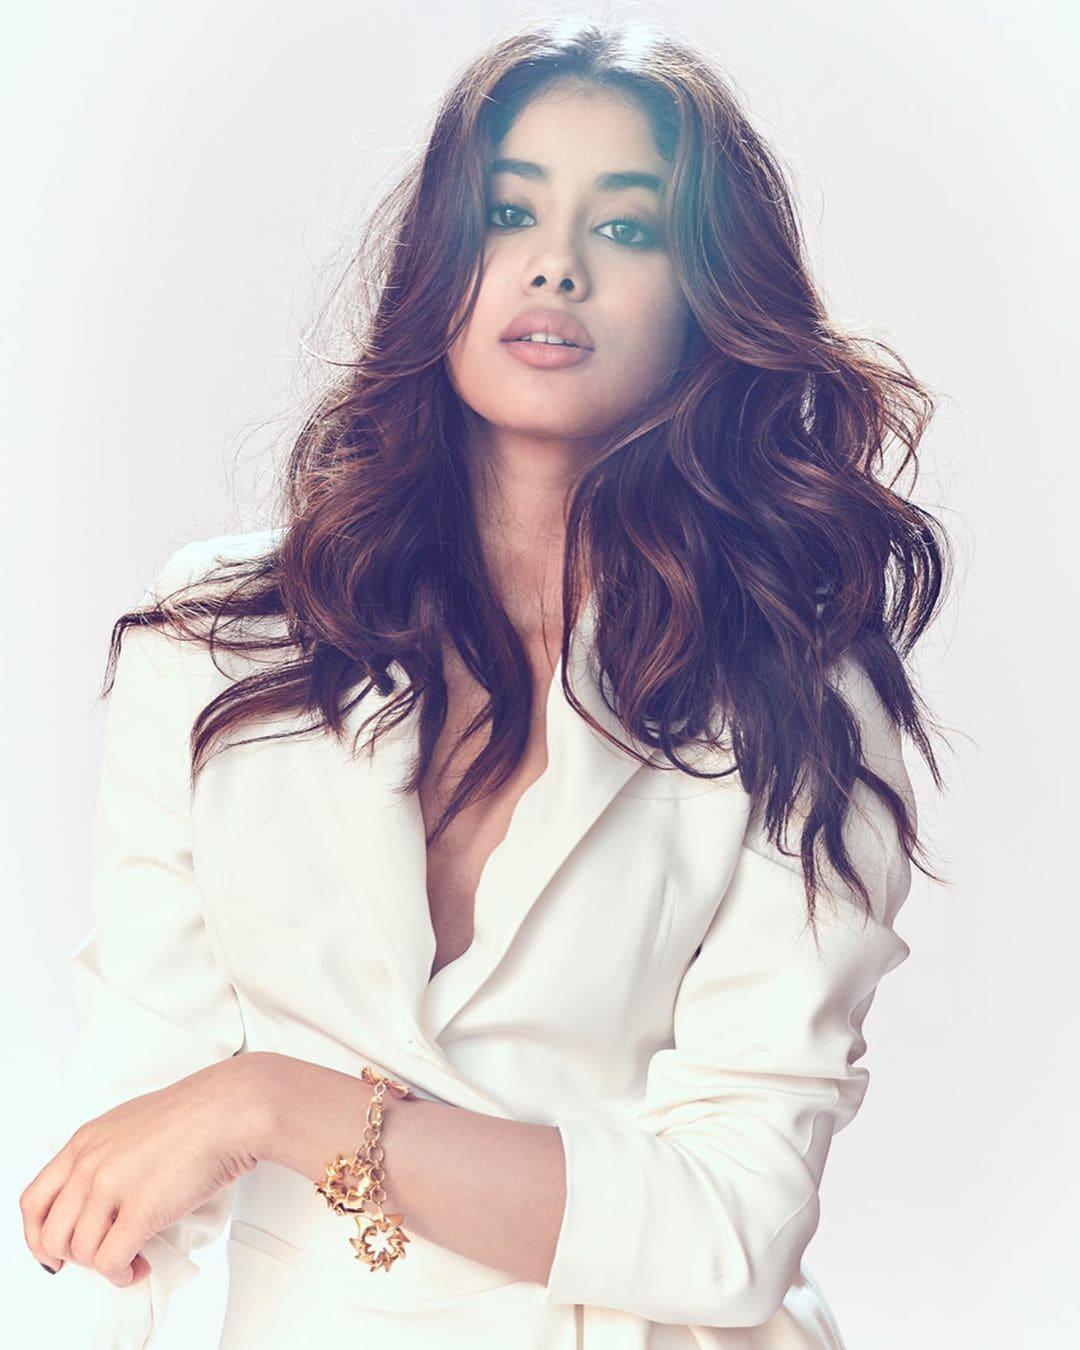 జాన్వీ కపూర్ ఫోటోస్ Photo: janhvikapoor/Instagram